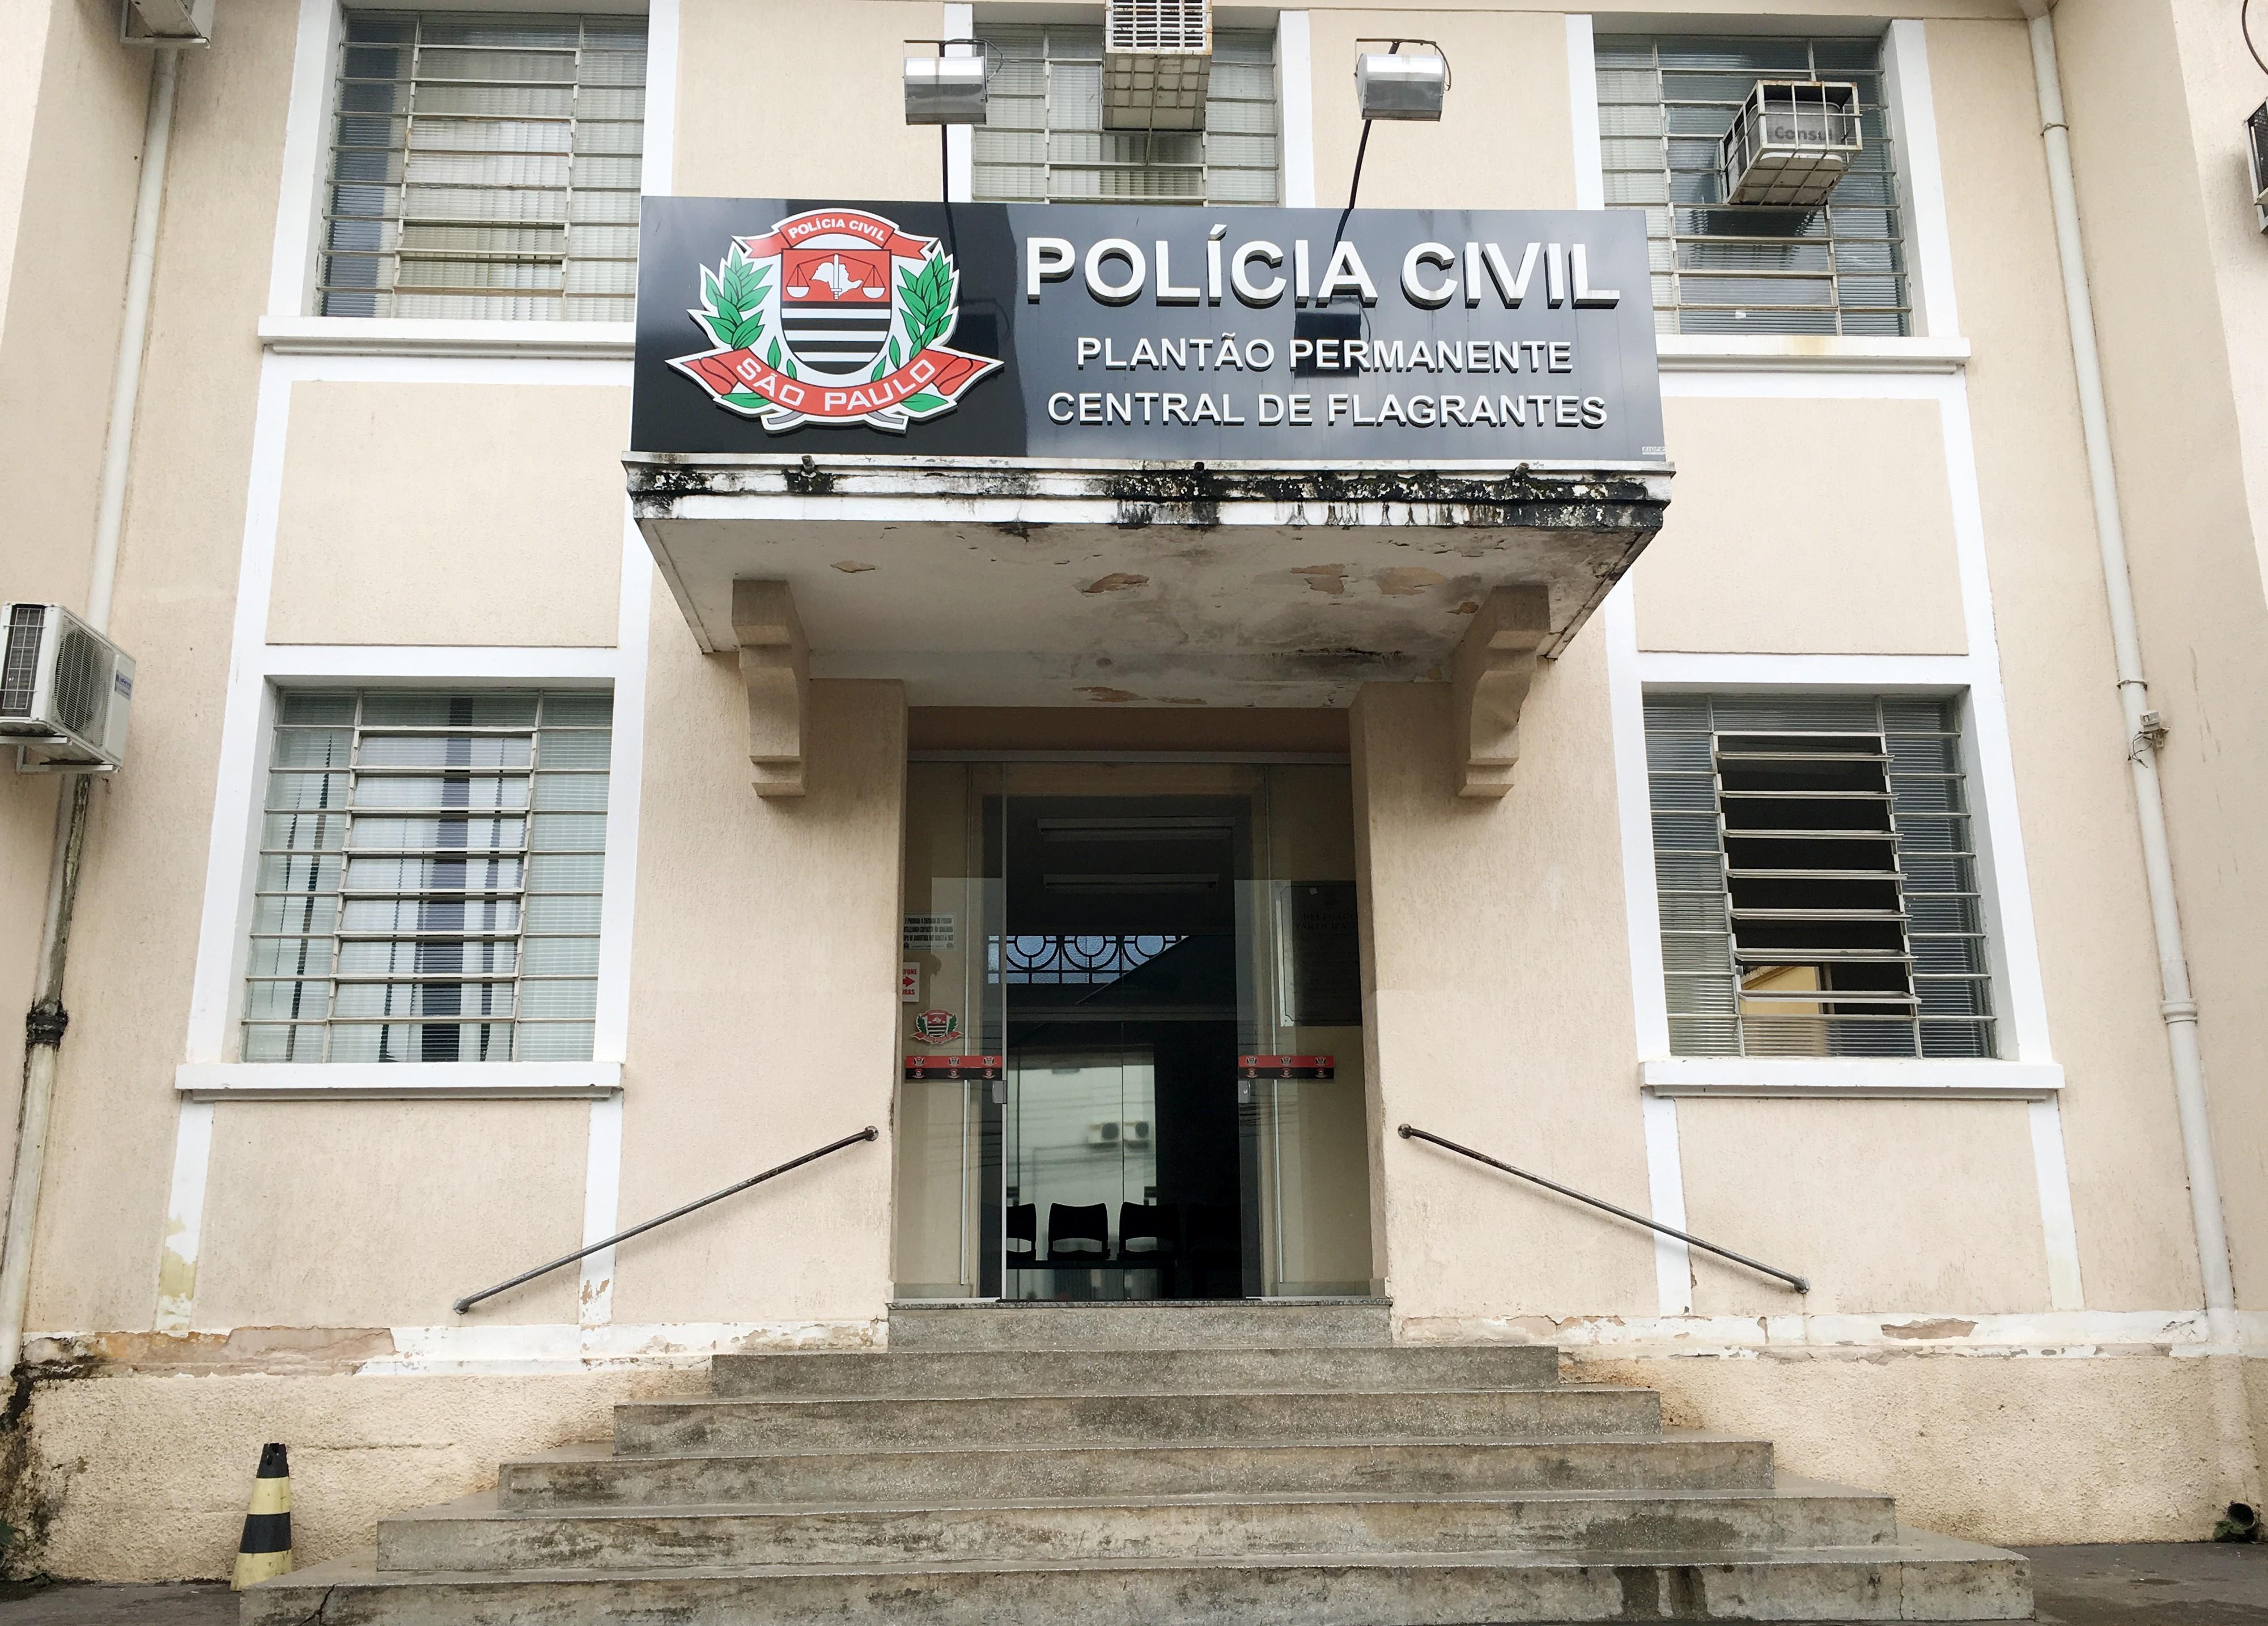 Homem é preso em flagrante por agredir e ameaçar a própria irmã em Presidente Prudente - Notícias - Plantão Diário